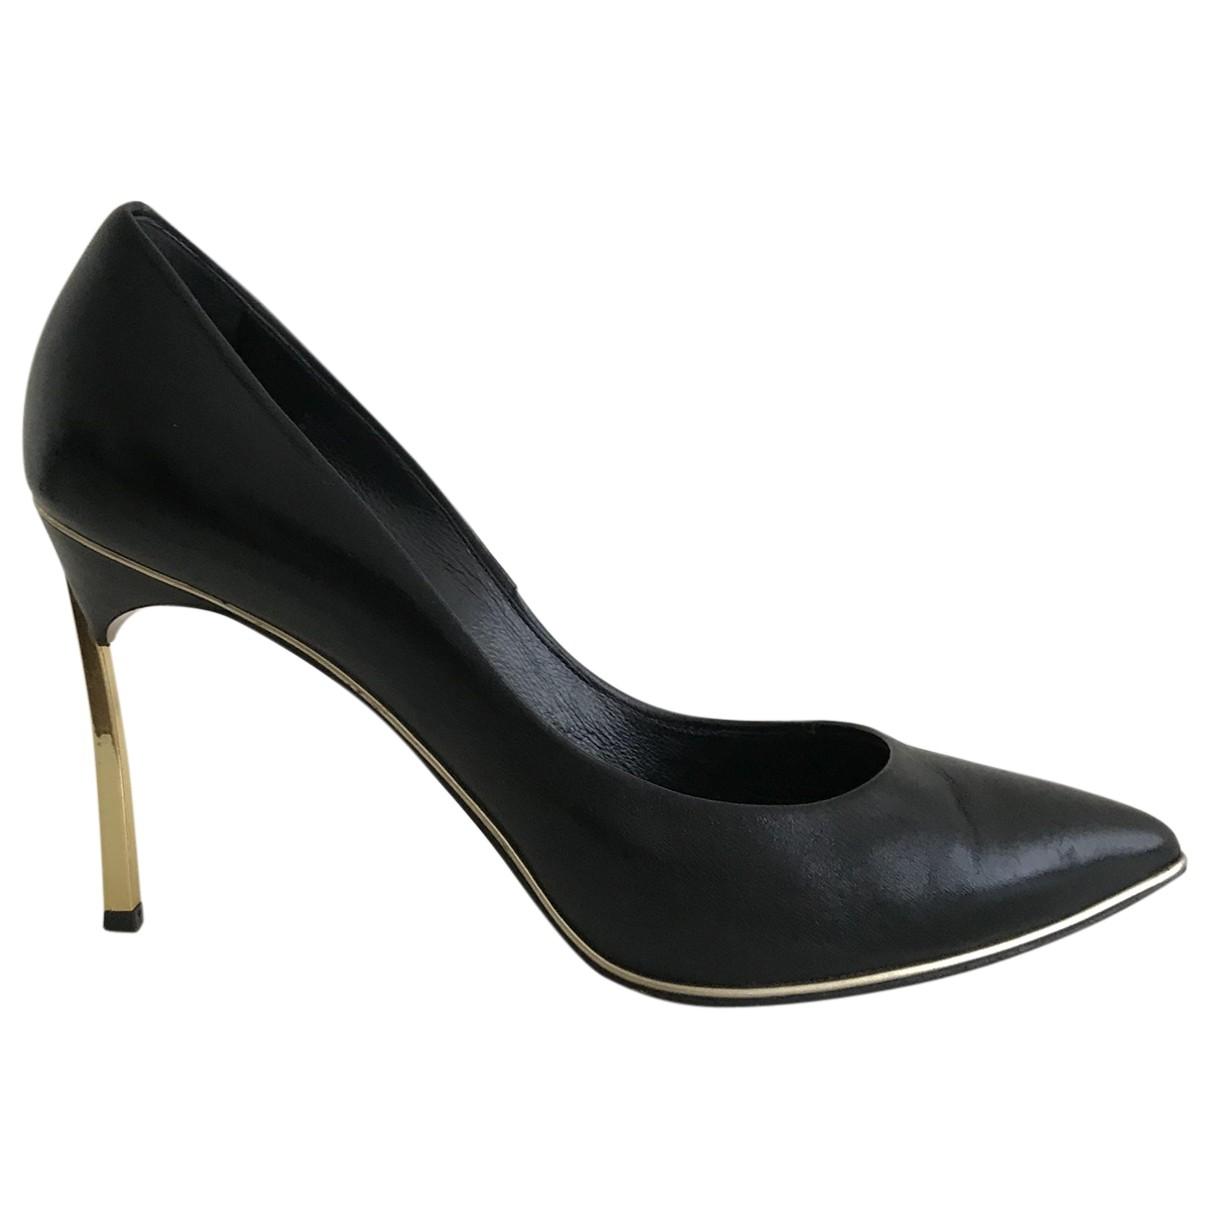 Casadei \N Black Leather Heels for Women 37.5 IT